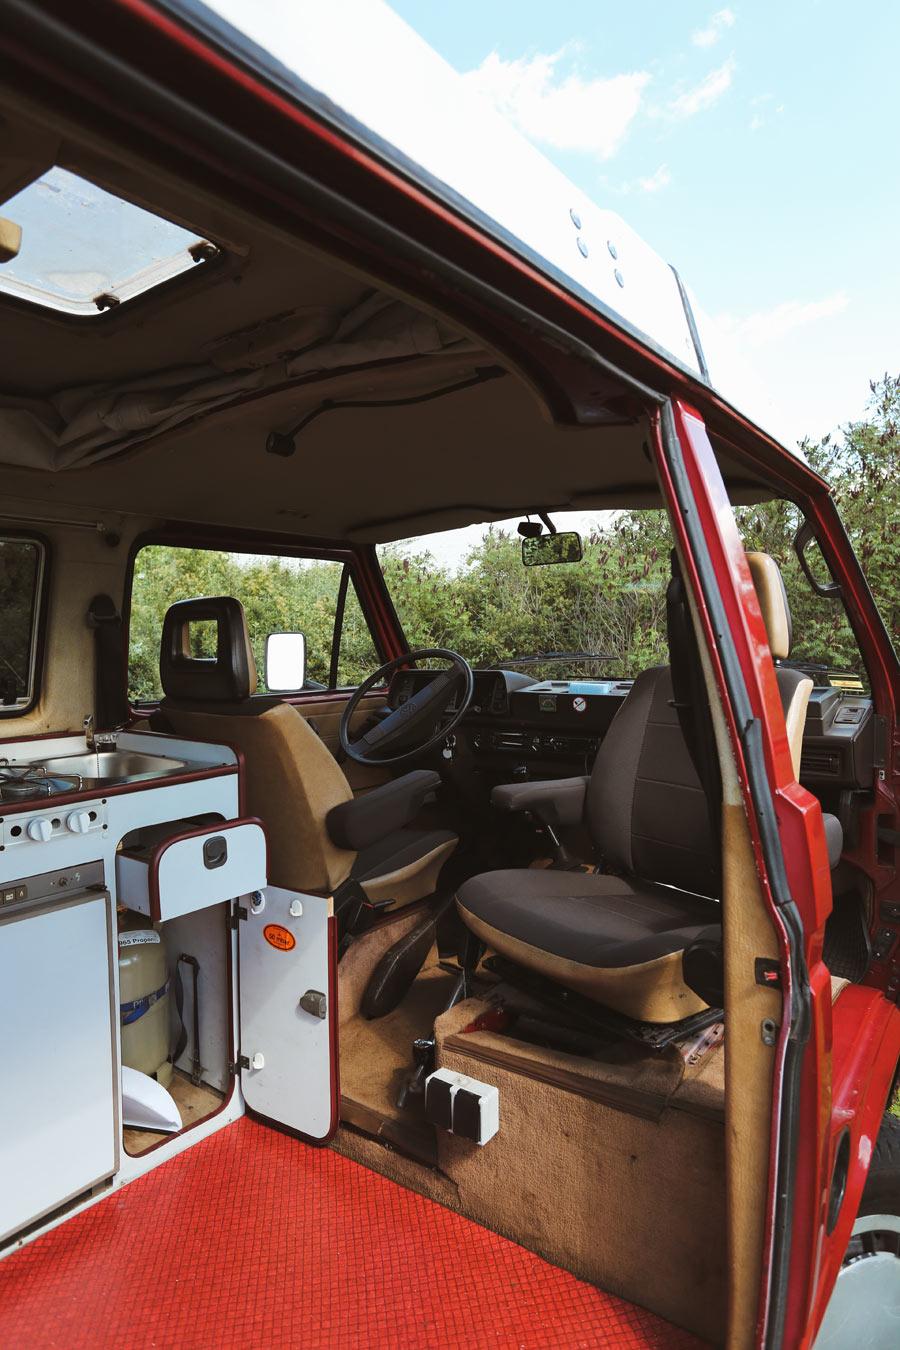 BulliHoliday Campingbus mieten Janine - Küchenblock und Fahrerkabine mit Pilotsitzen 2